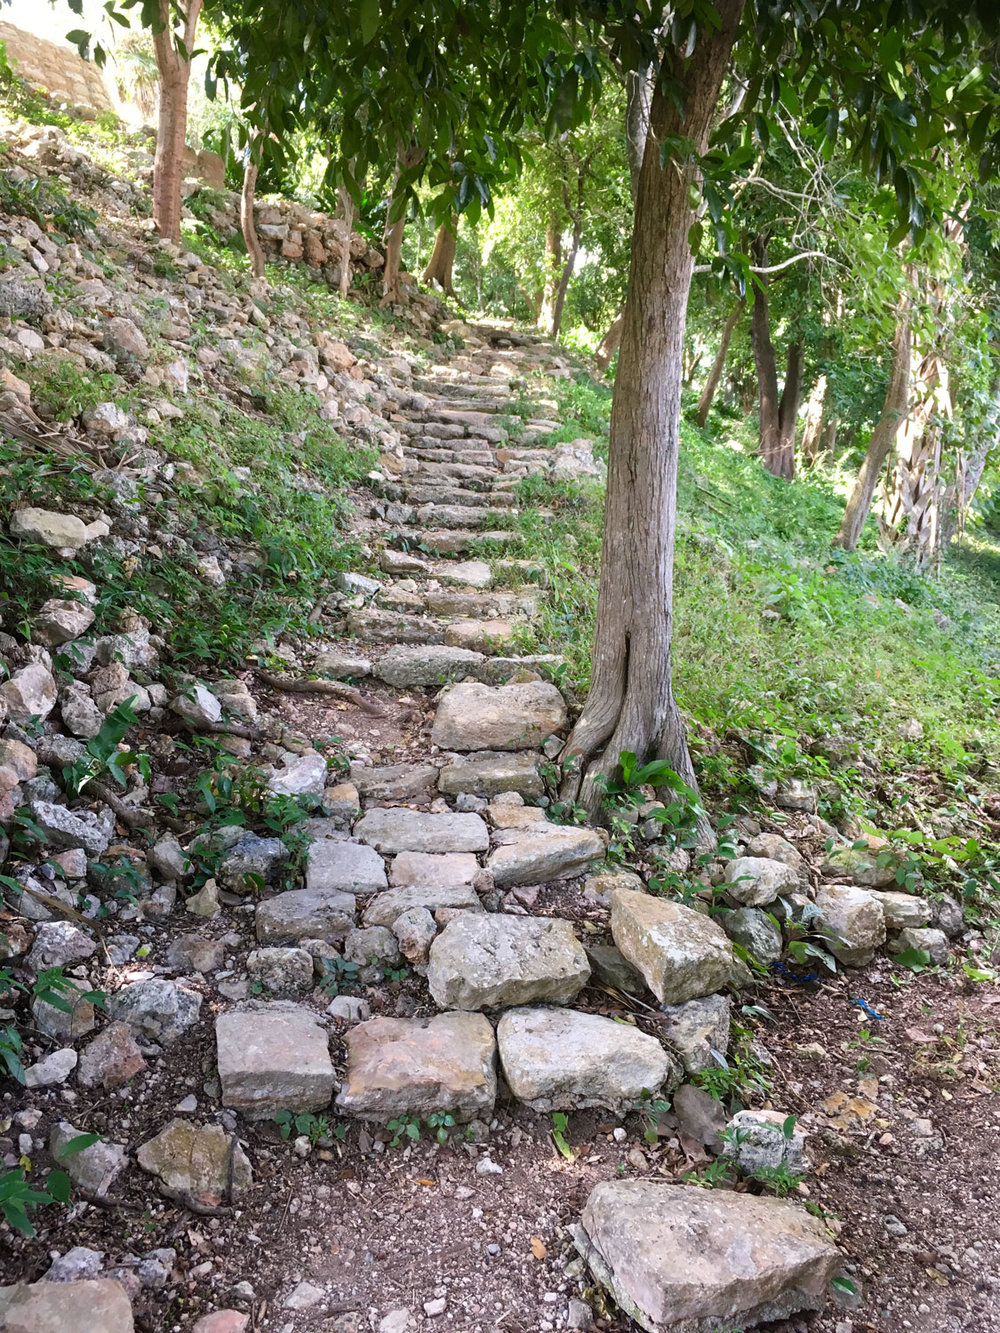 Hammocks_and_Ruins_Blog_Riviera_Maya_Mexico_Travel_Discover_Yucatan_What_to_do_Merida_Izamal_Ruins_37.jpg